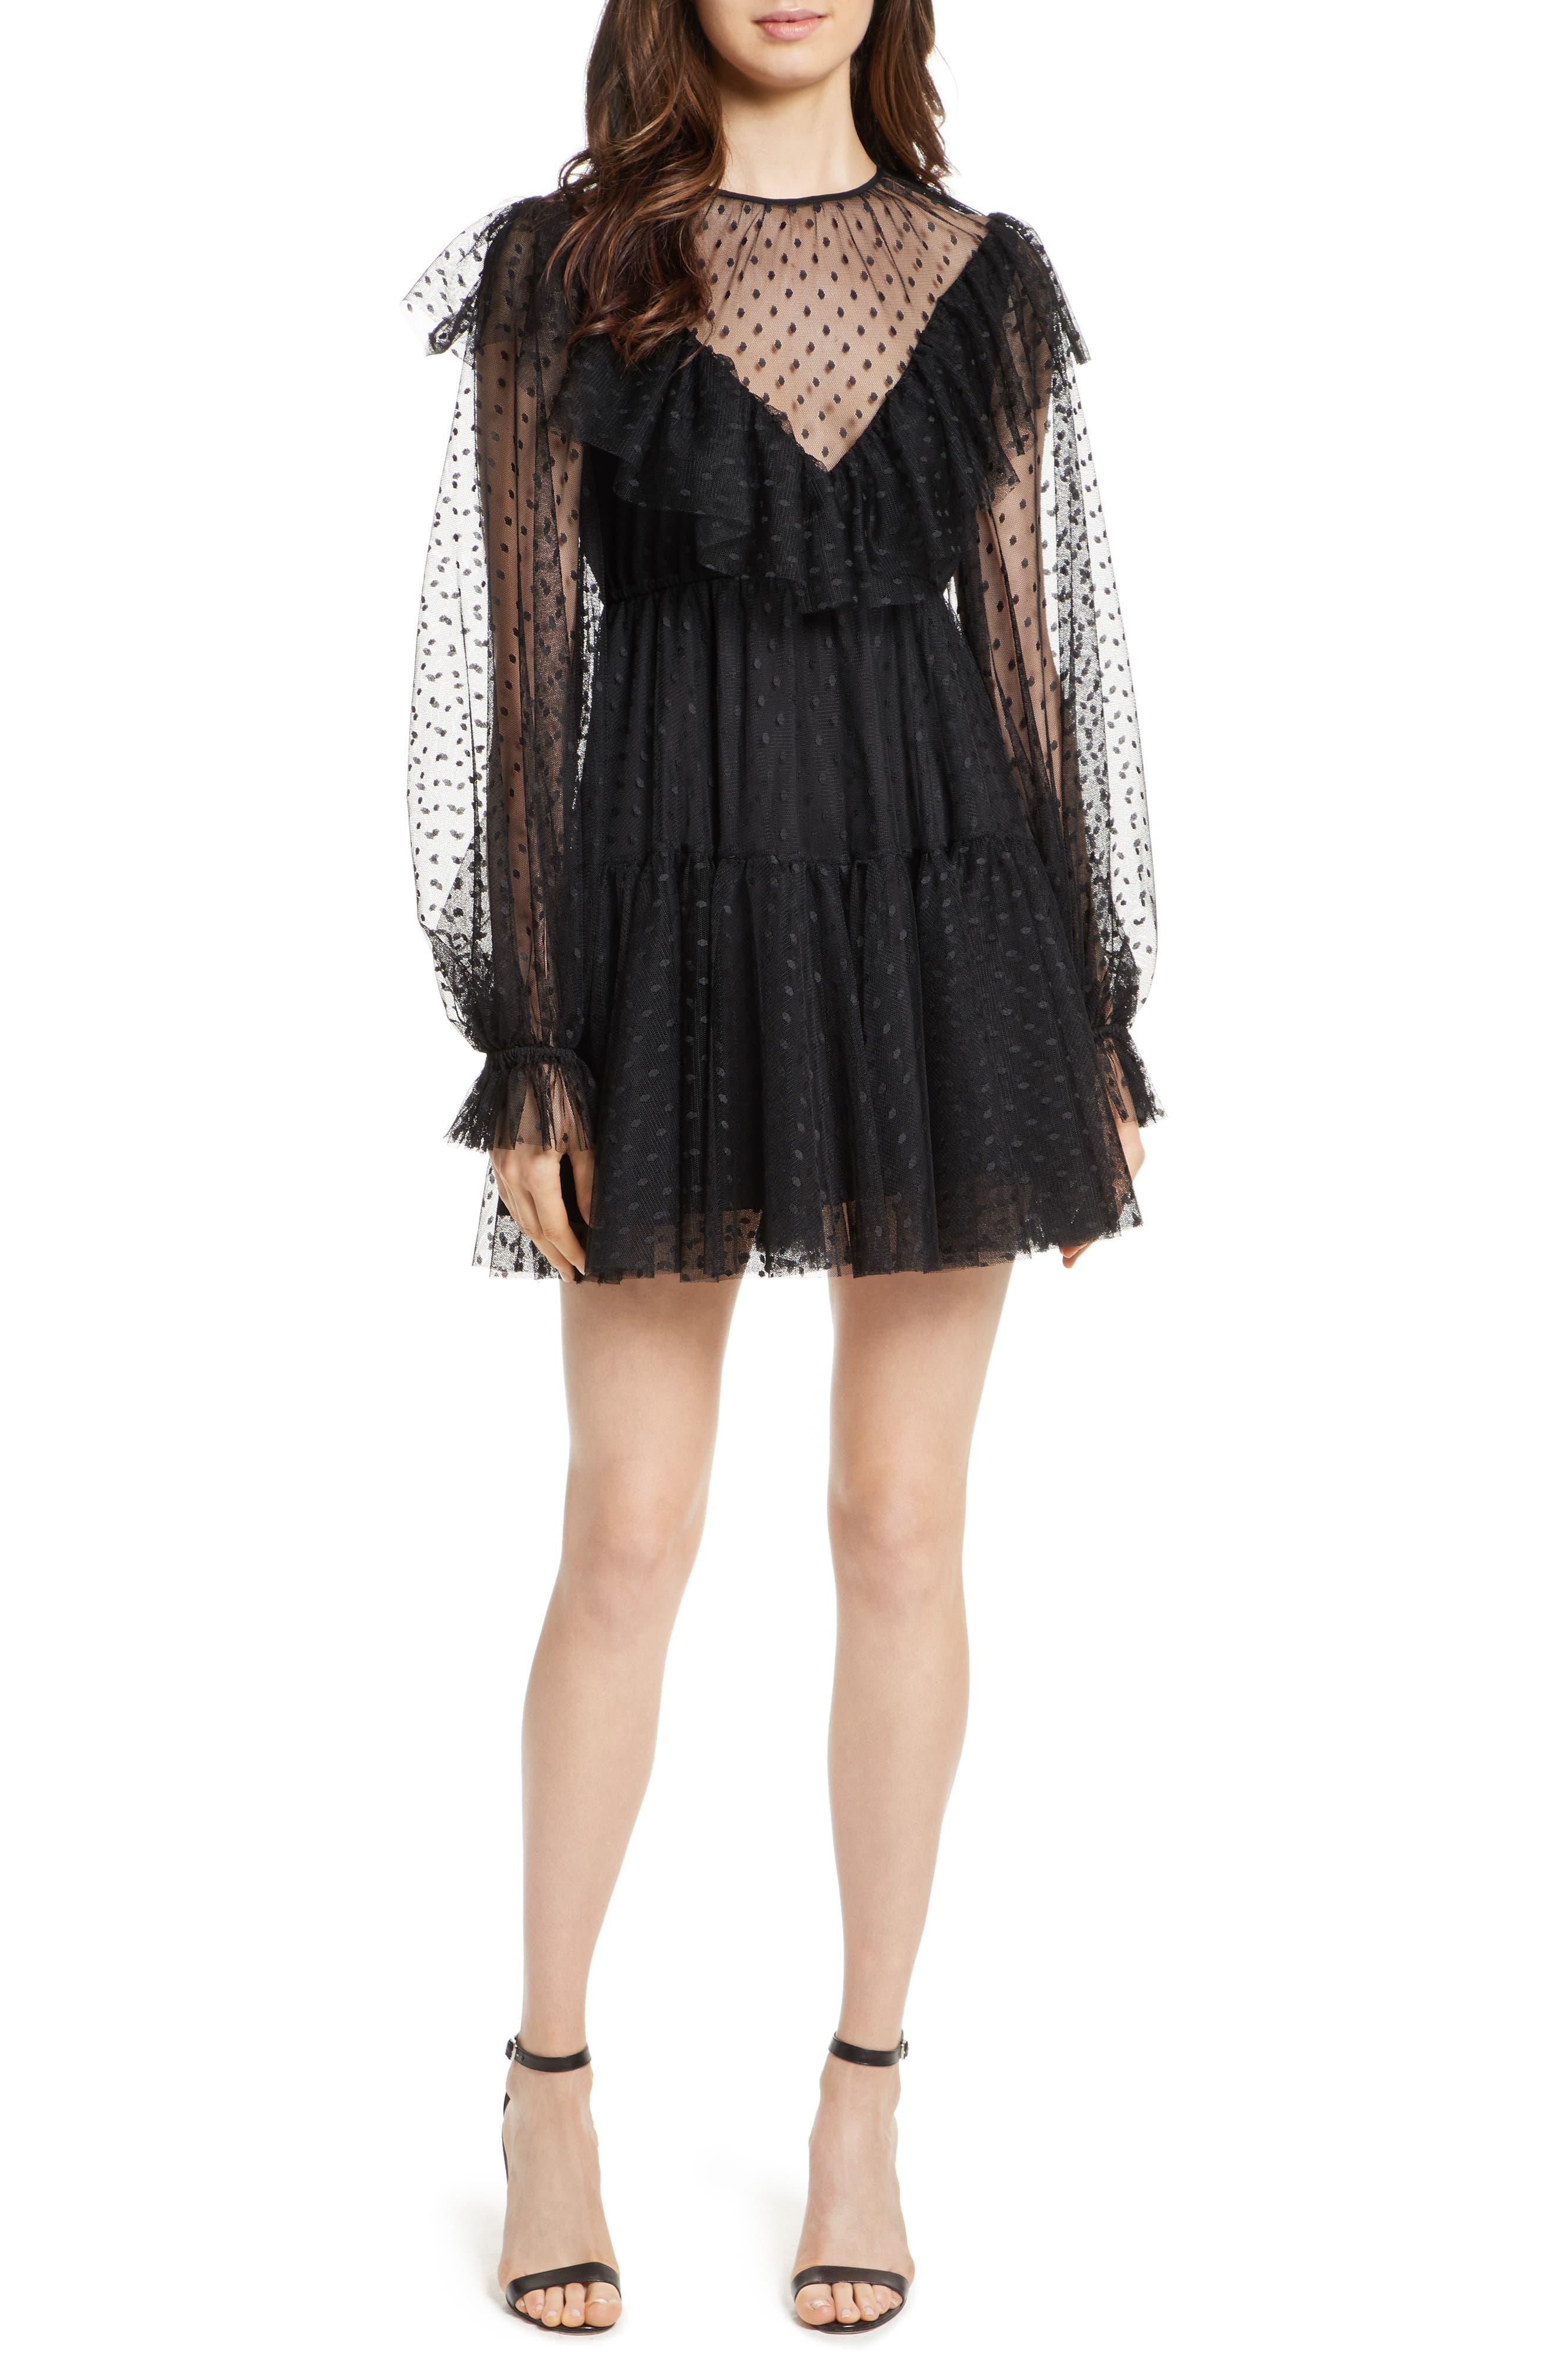 Black dress nordstrom 92122